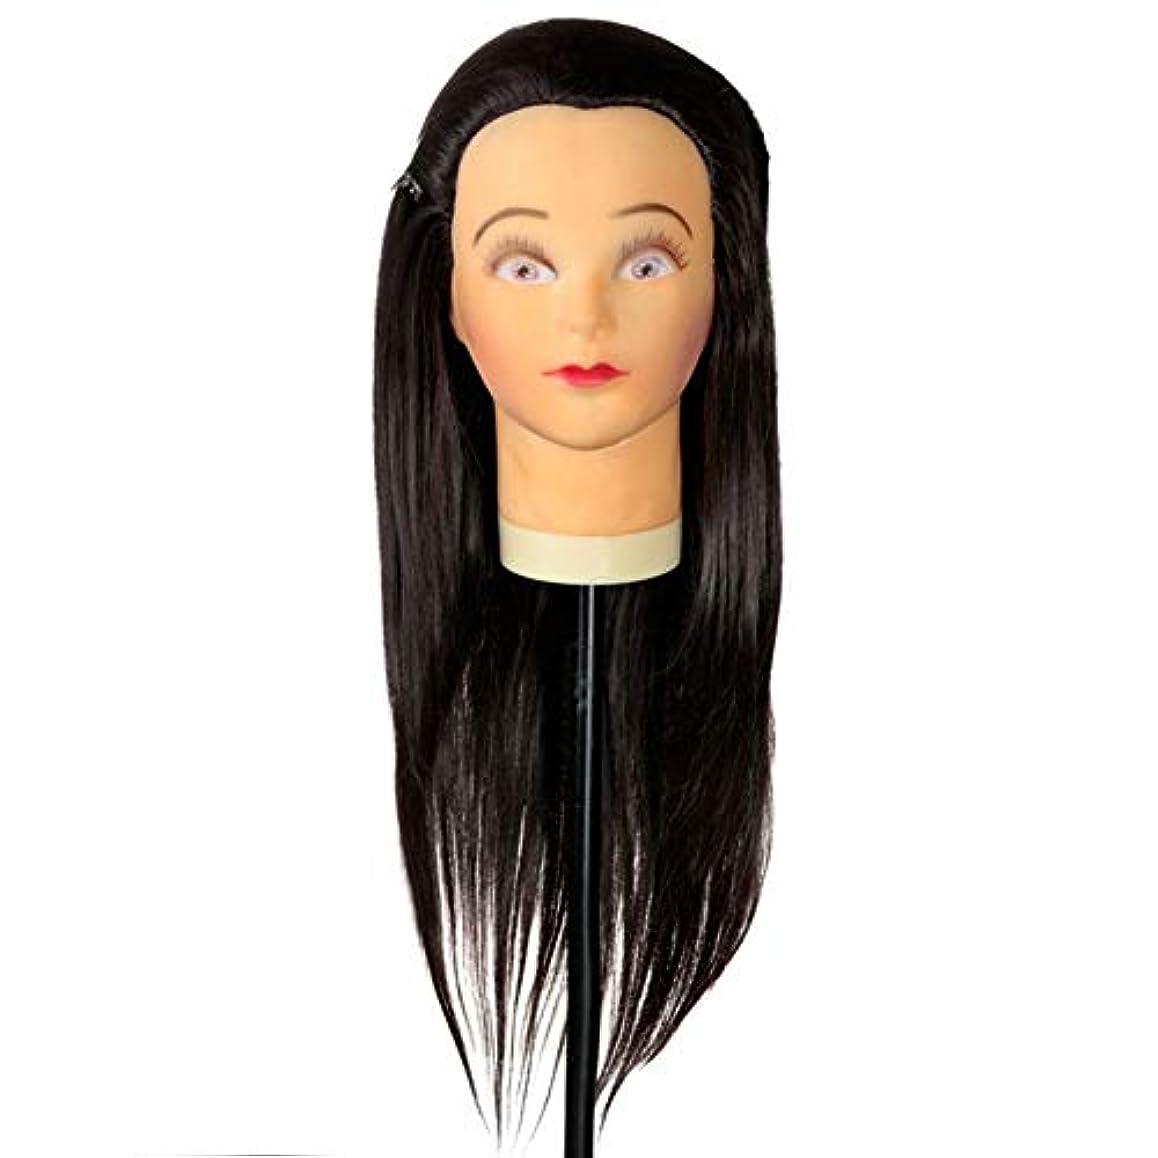 ナチュラルコットン細心のメイクアップエクササイズディスク髪編組ヘッド金型デュアルユースダミーヘッドモデルヘッド美容ヘアカットティーチングヘッドかつら